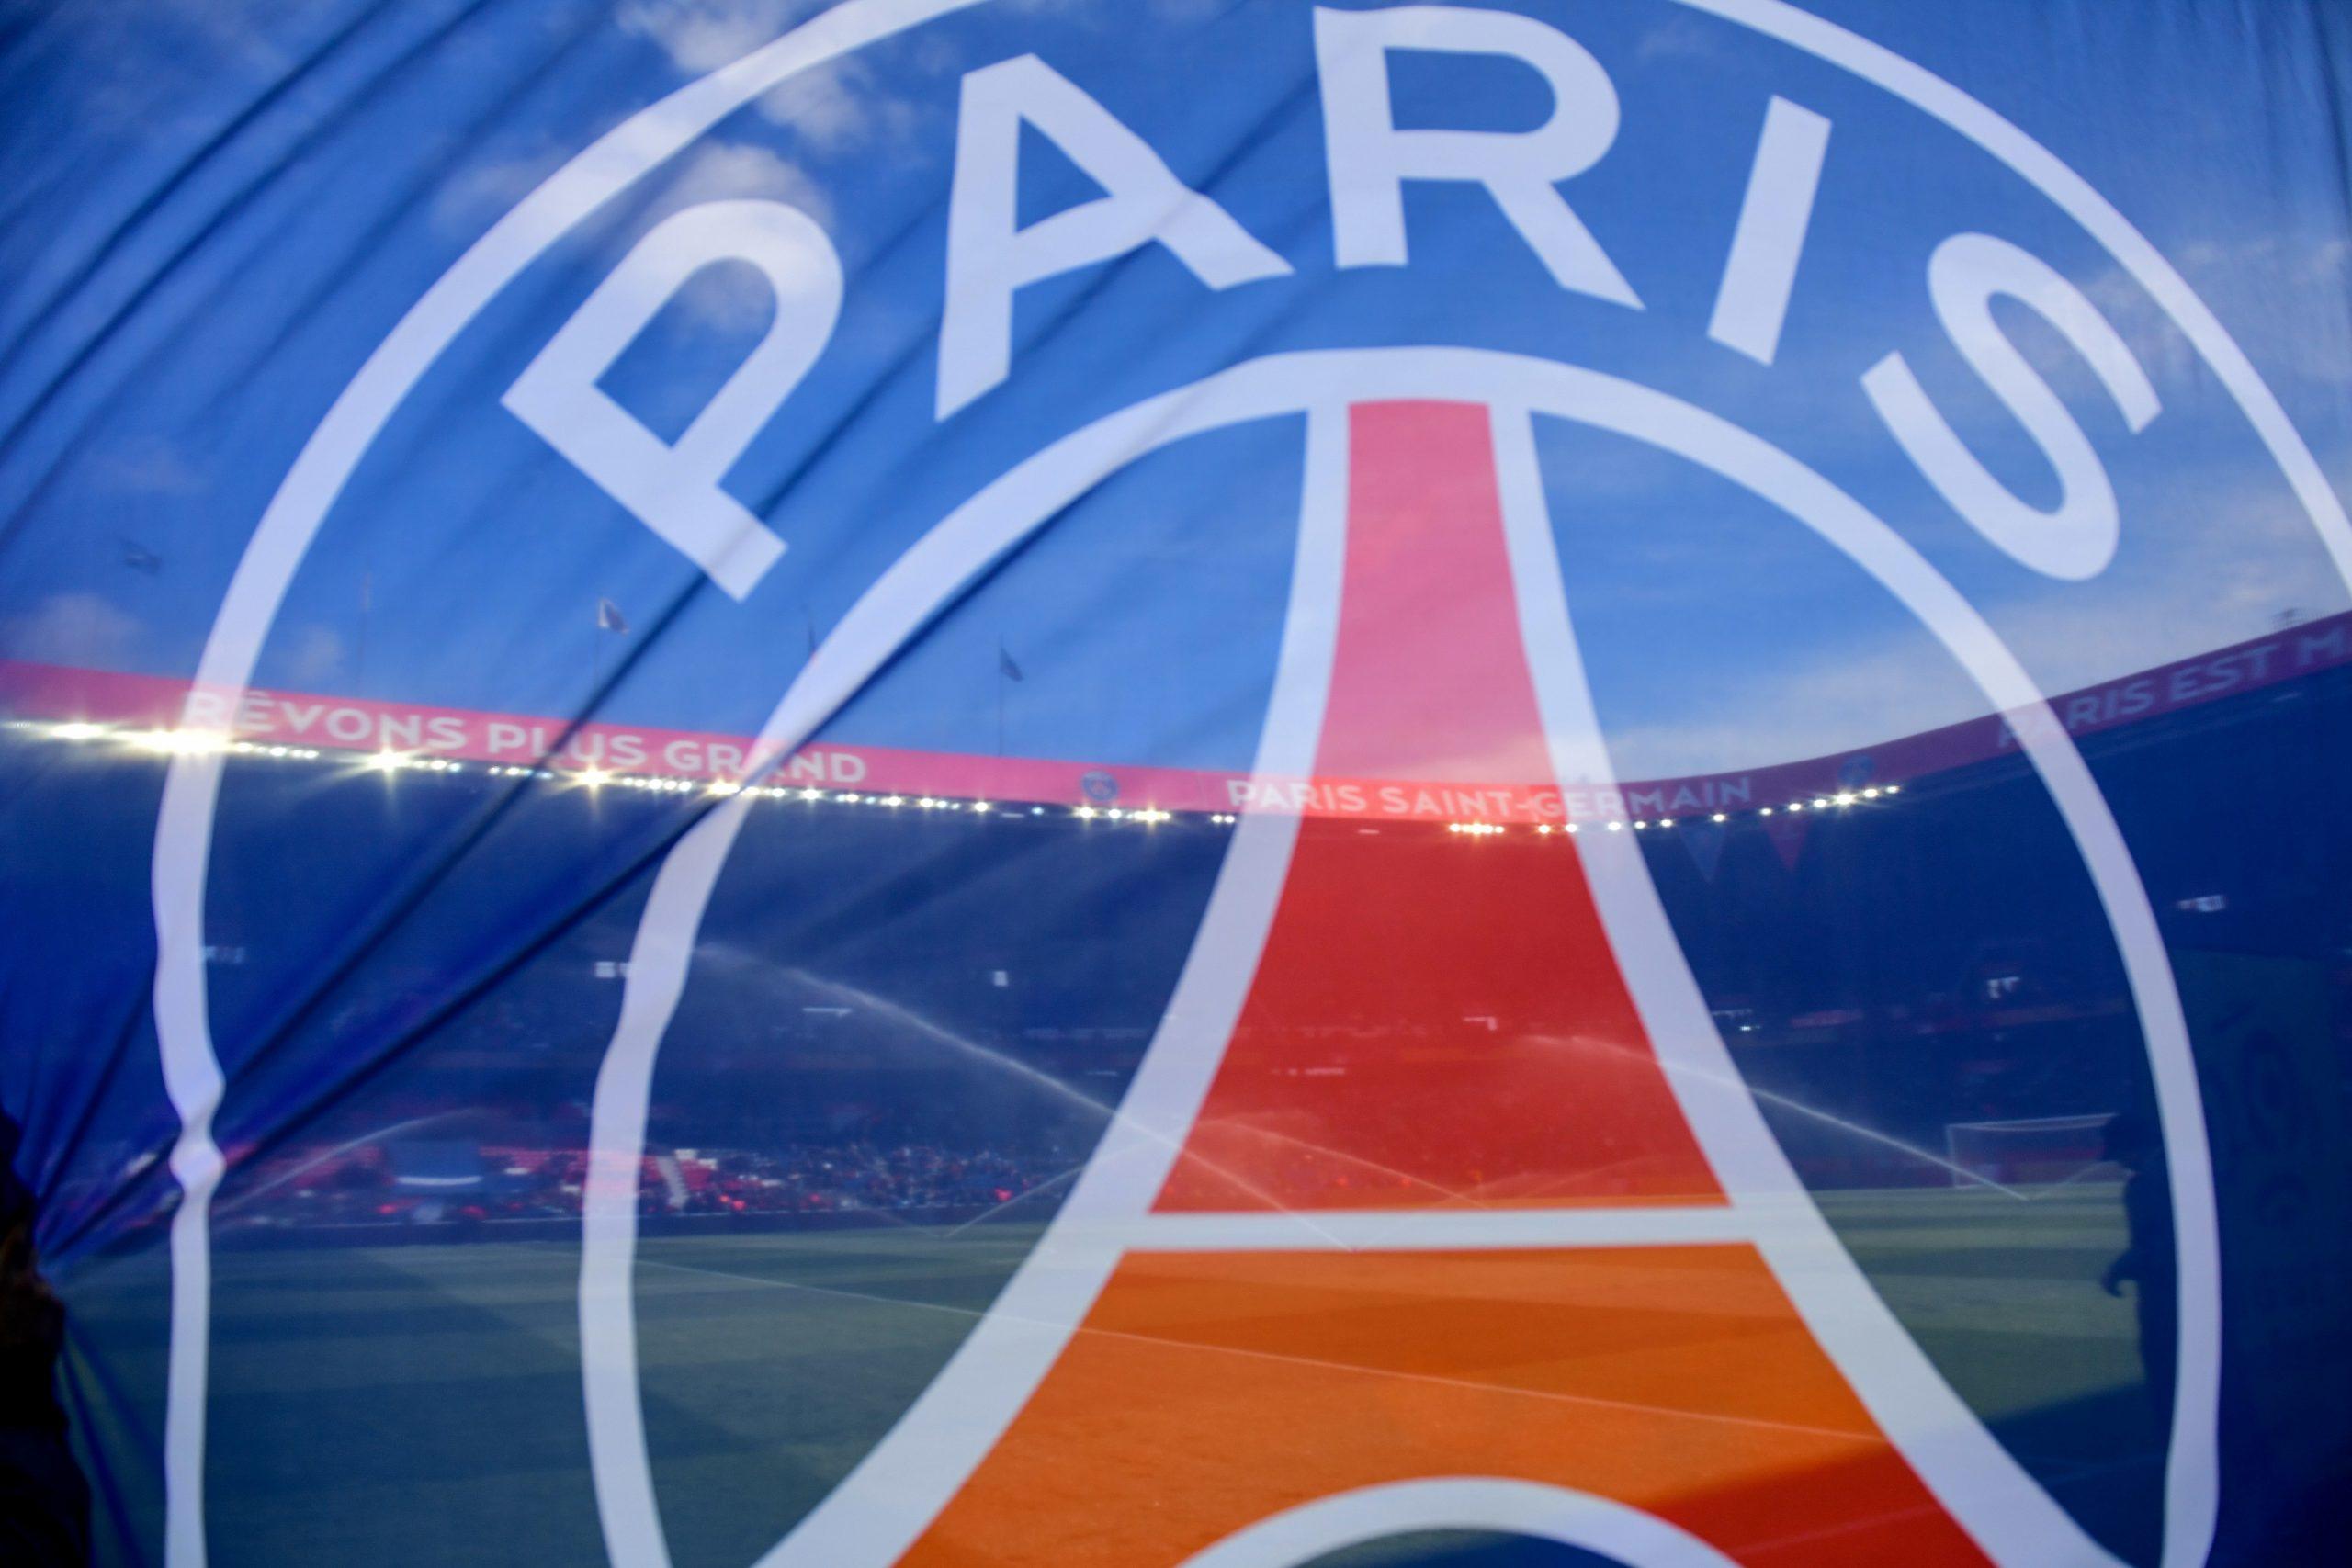 Le PSG annonce un don de 100 000 euros à Action contre la Faim